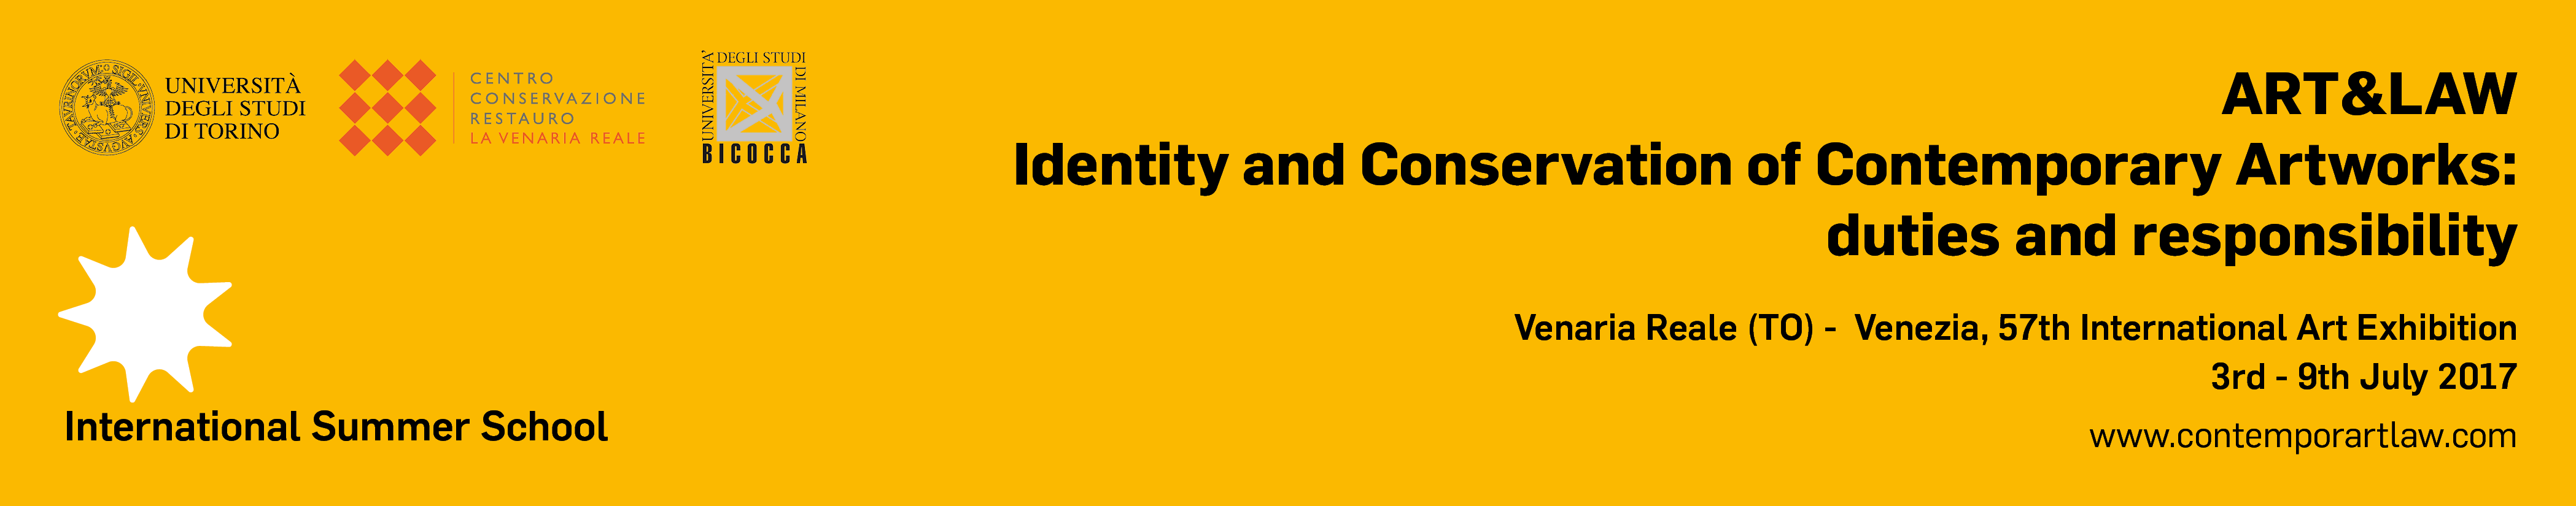 Banner sito - giallo scritte nere con link